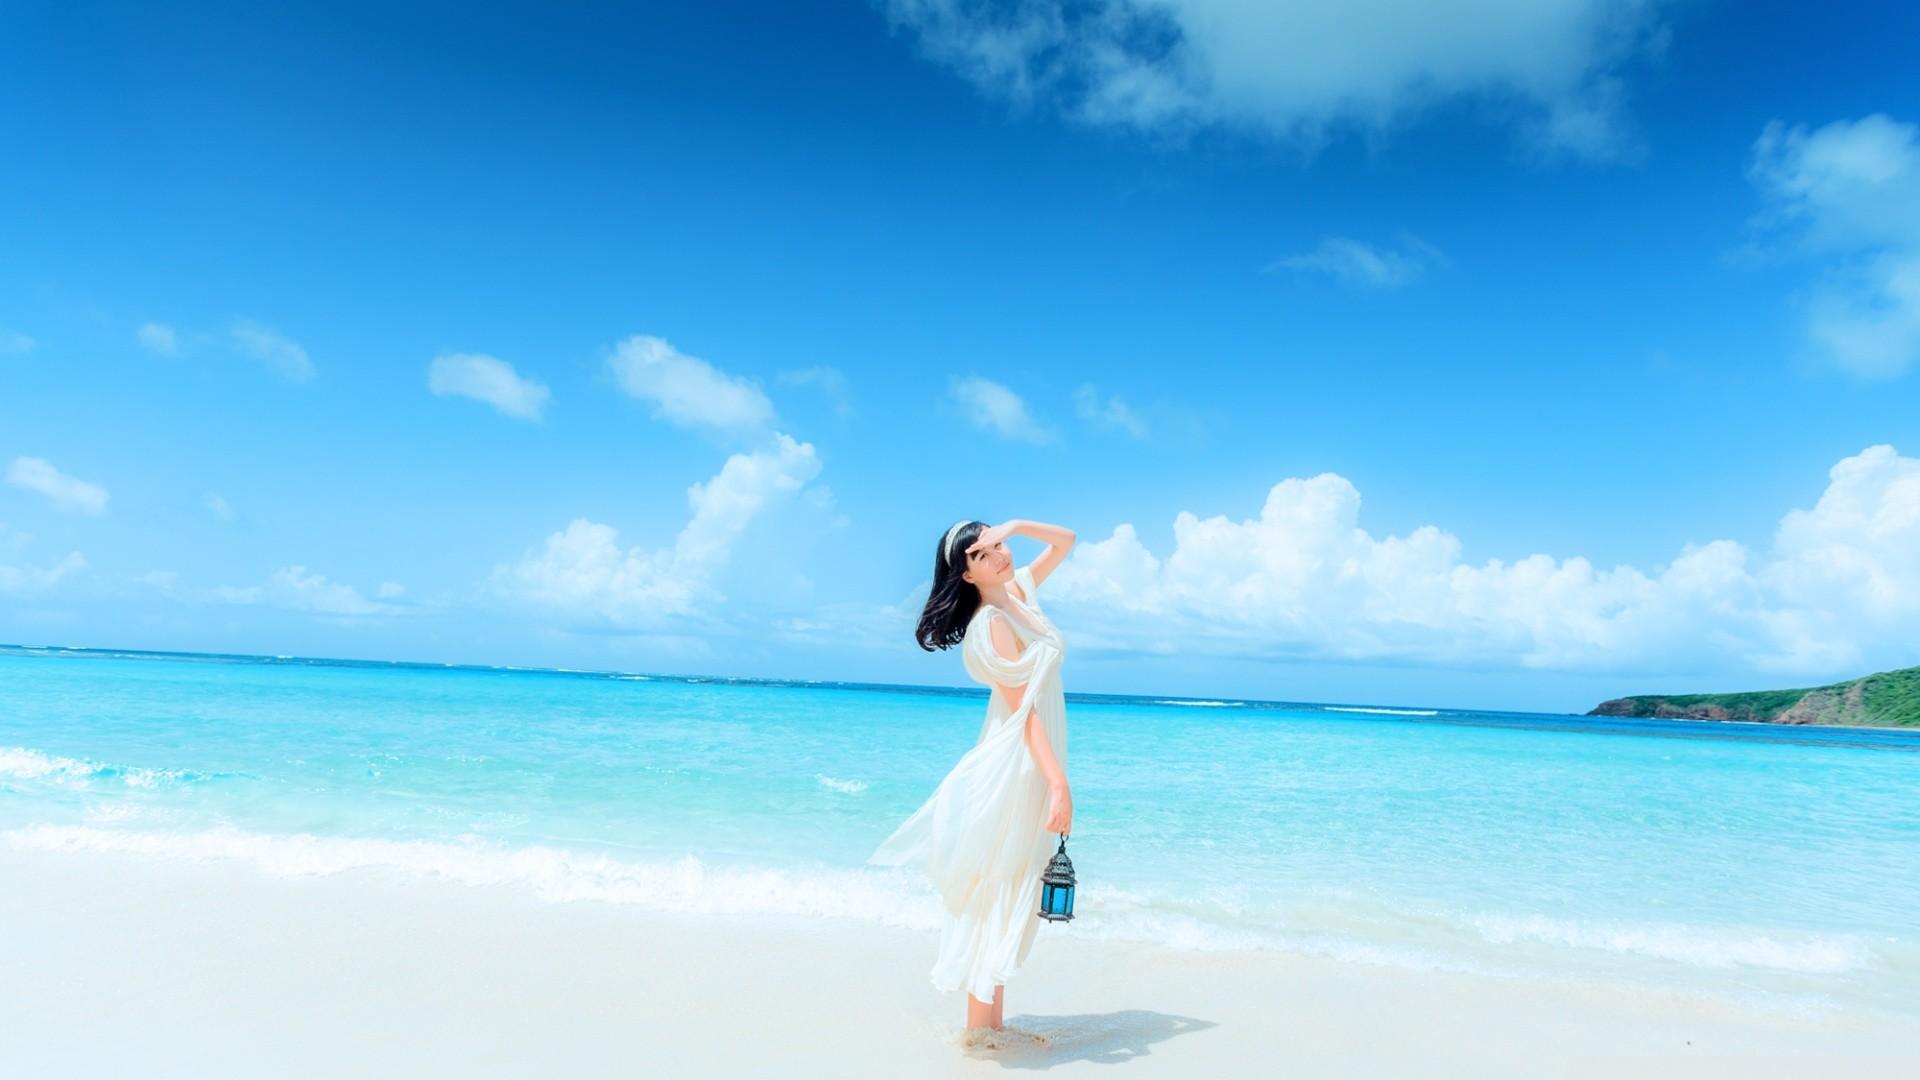 Hd beach desktop wallpaper 66 images - Beach girl wallpaper hd ...